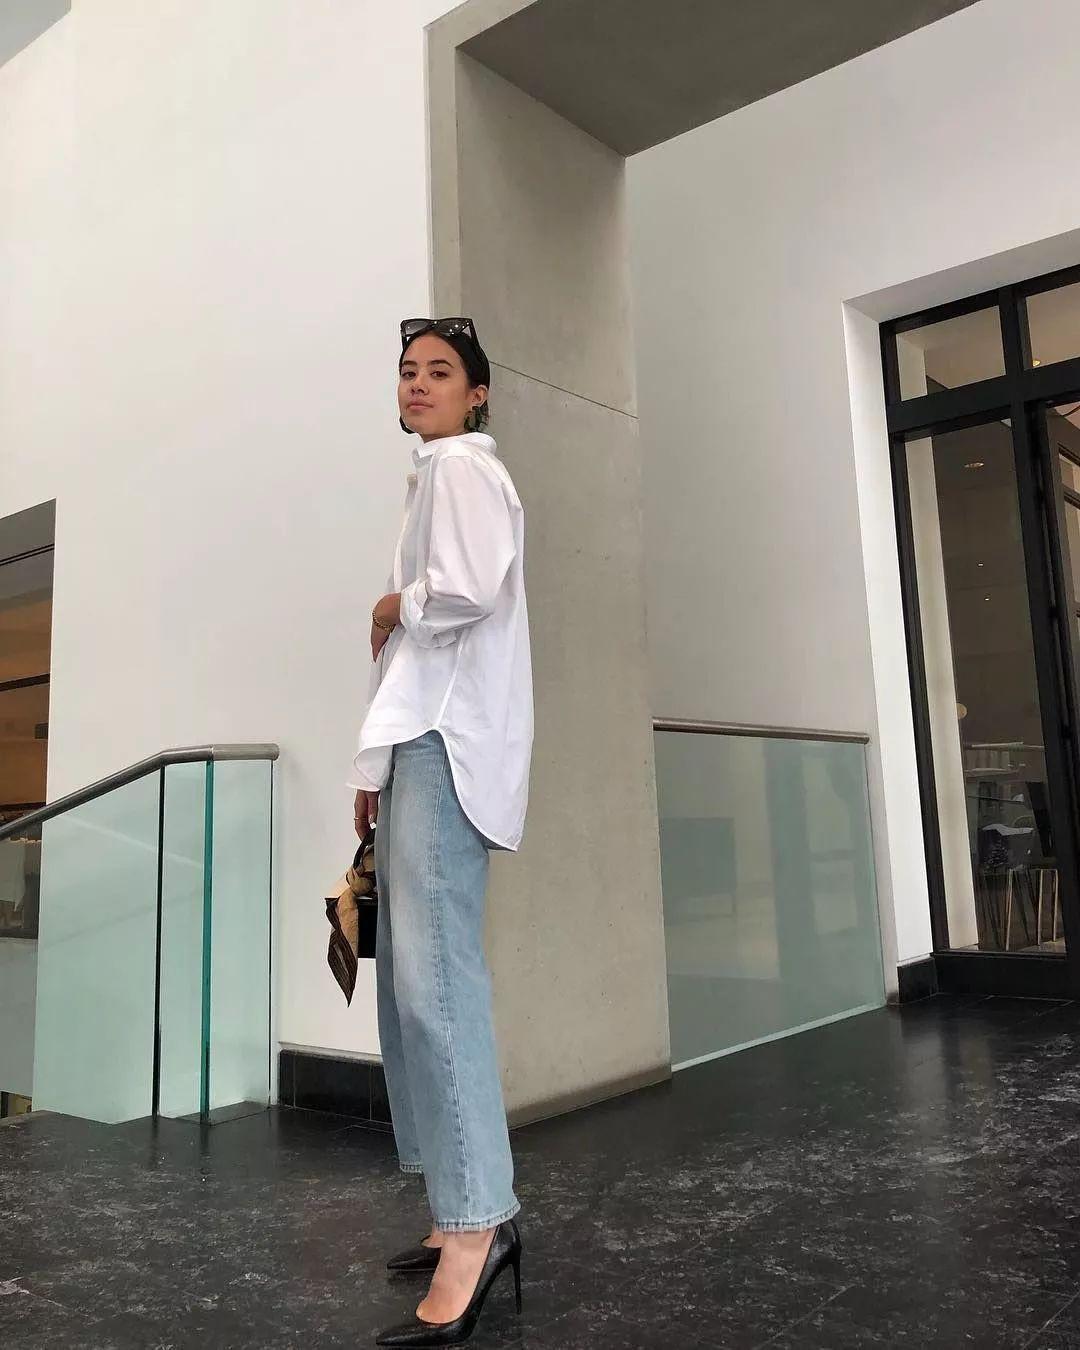 3 mẫu quần jeans bạn nên tậu gấp trước mùa lạnh này để luôn ghi điểm mặc đẹp - Ảnh 4